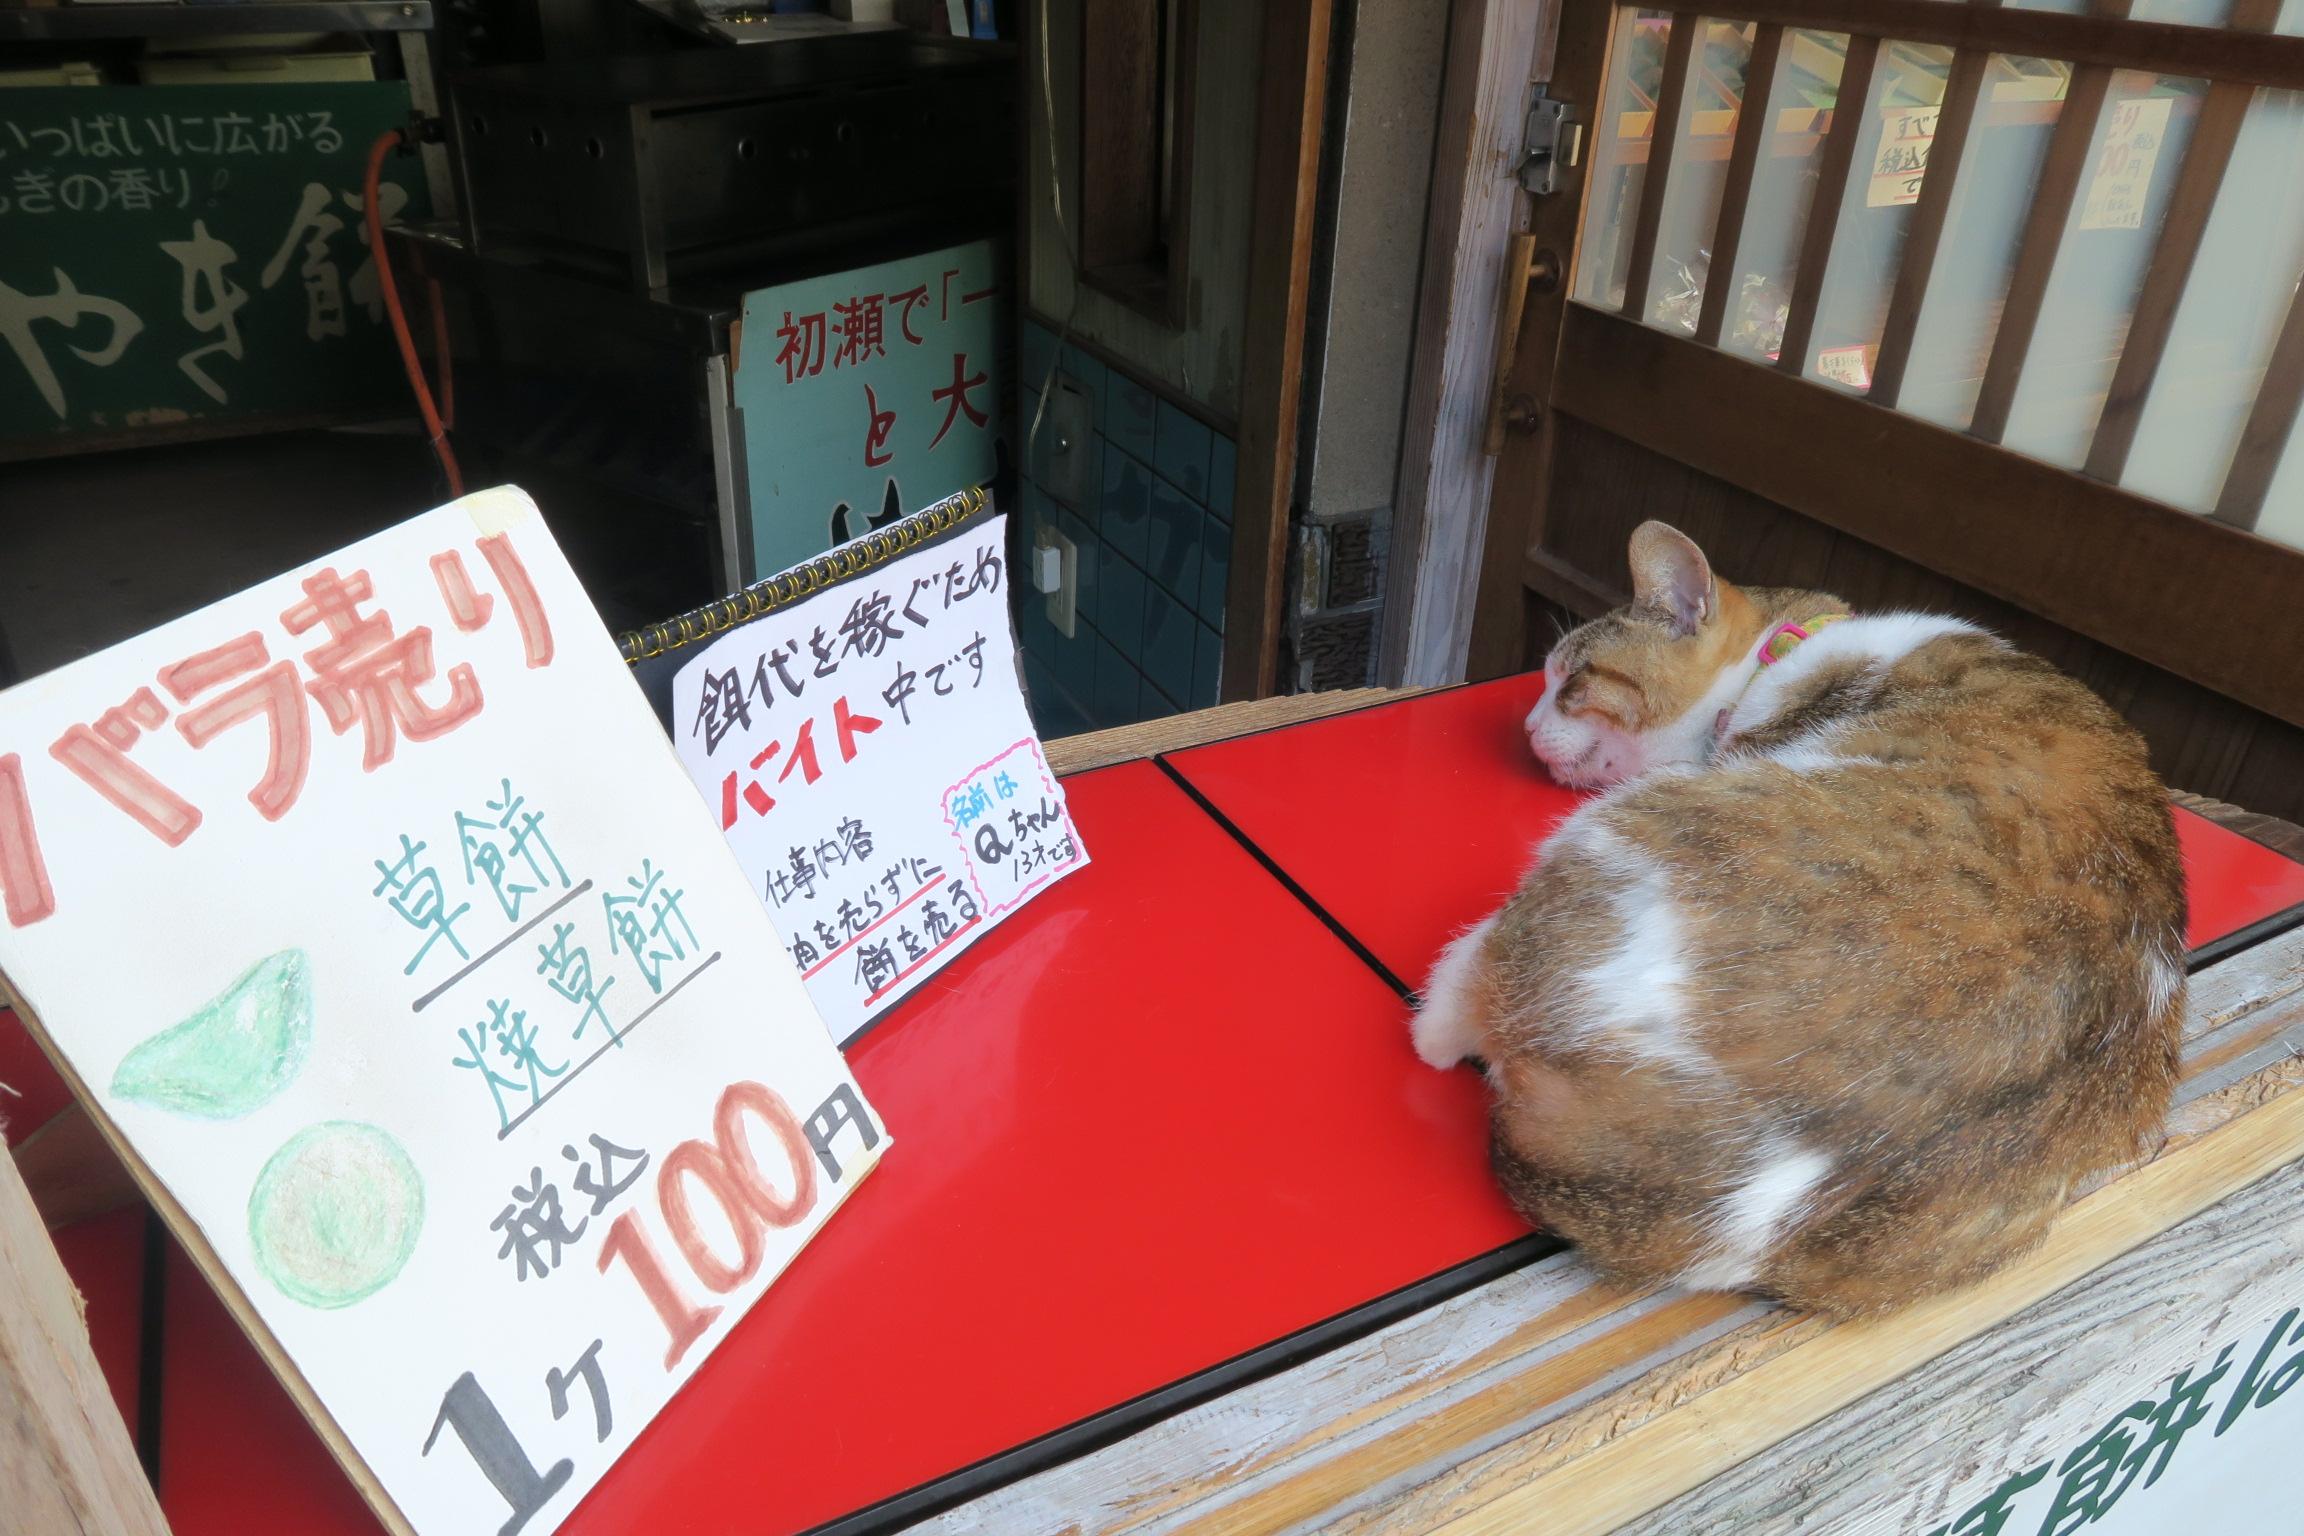 餌代を稼ぐためにバイト中のネコちゃん。ぐっすり寝てます。(笑)